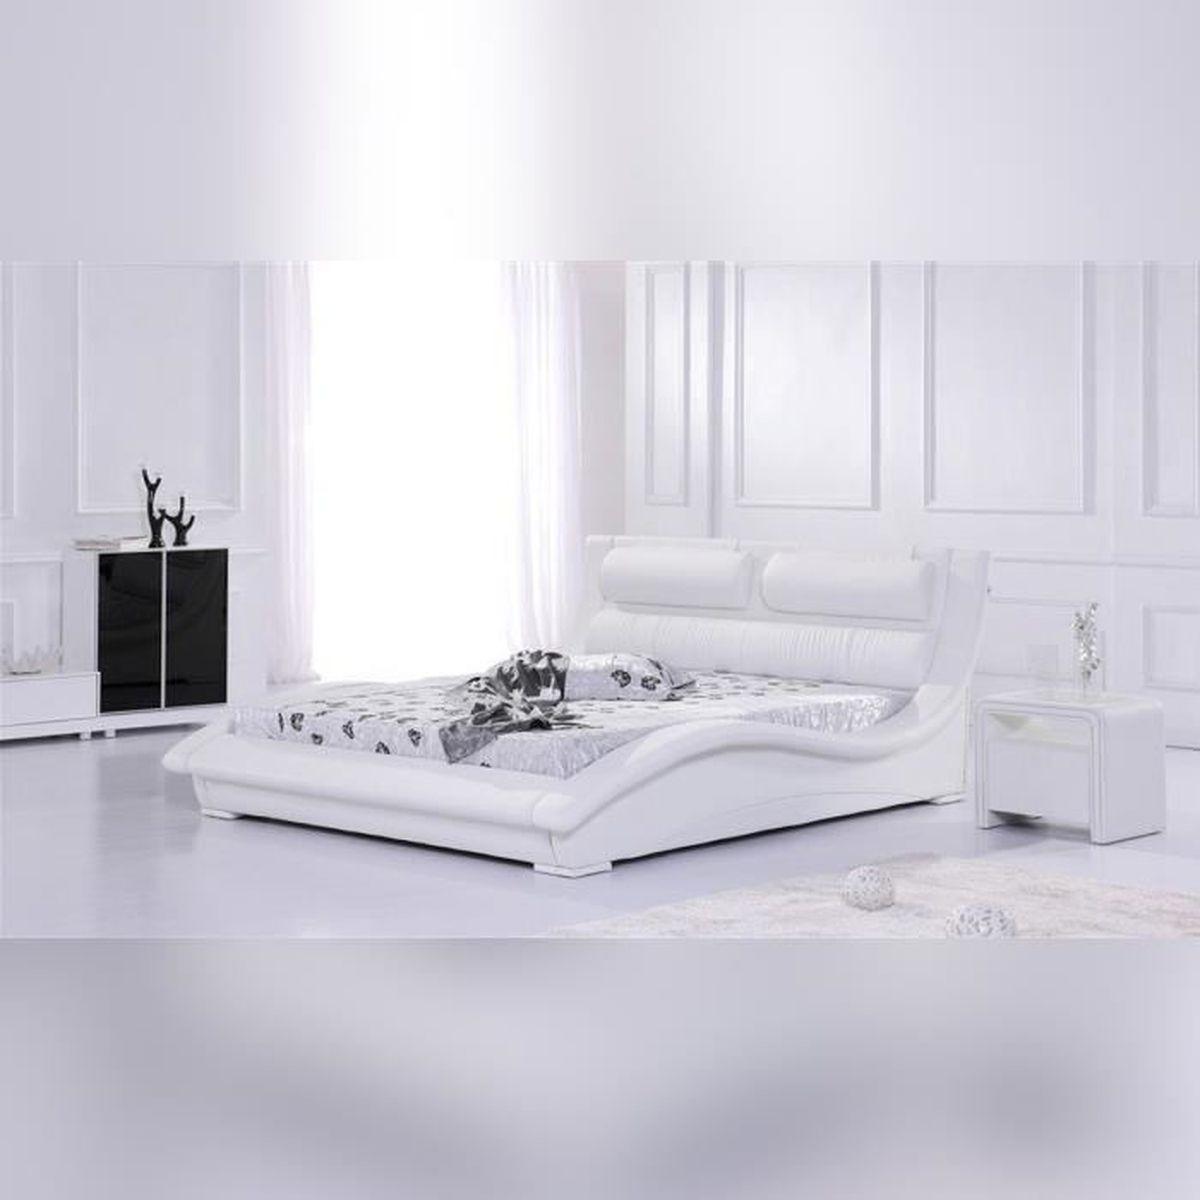 Lit design rivera 140 cm blanc mod le confortable et - Lit confortable design ...